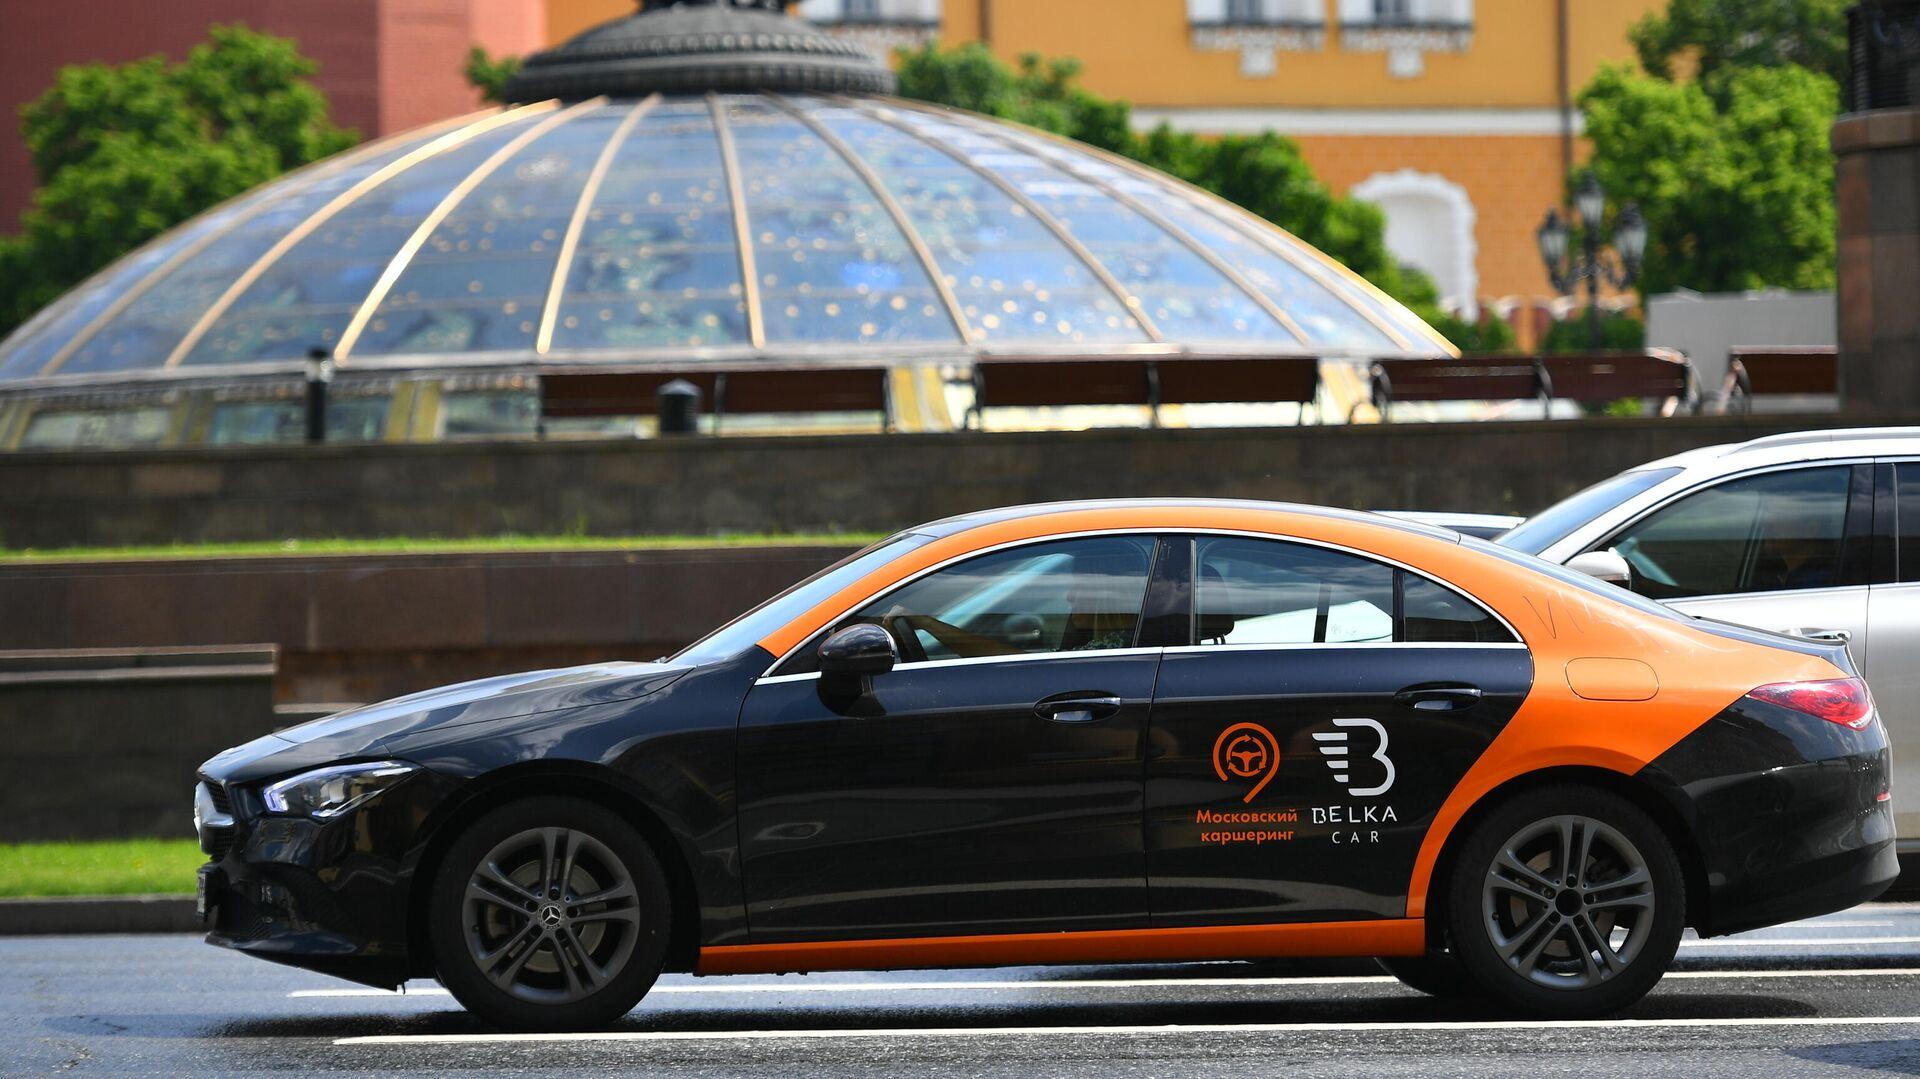 Машина службы каршеринга Belka Car едет по Моховой улице в Москве - РИА Новости, 1920, 30.06.2021